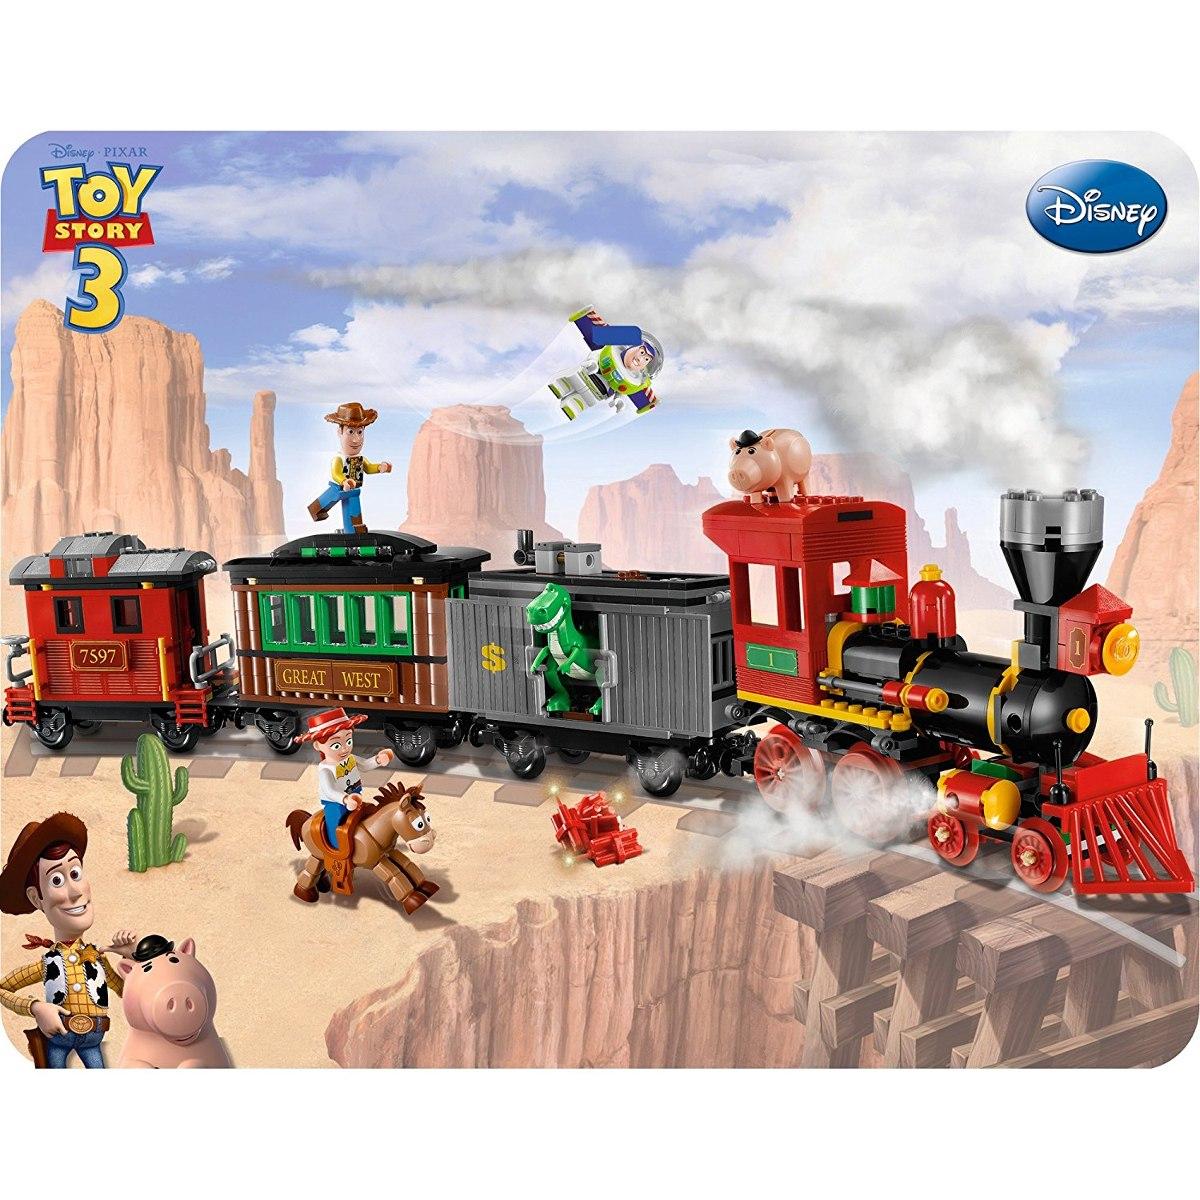 f1165aa8e0da0 persecución de tren del oeste lego toy story 3. Cargando zoom.